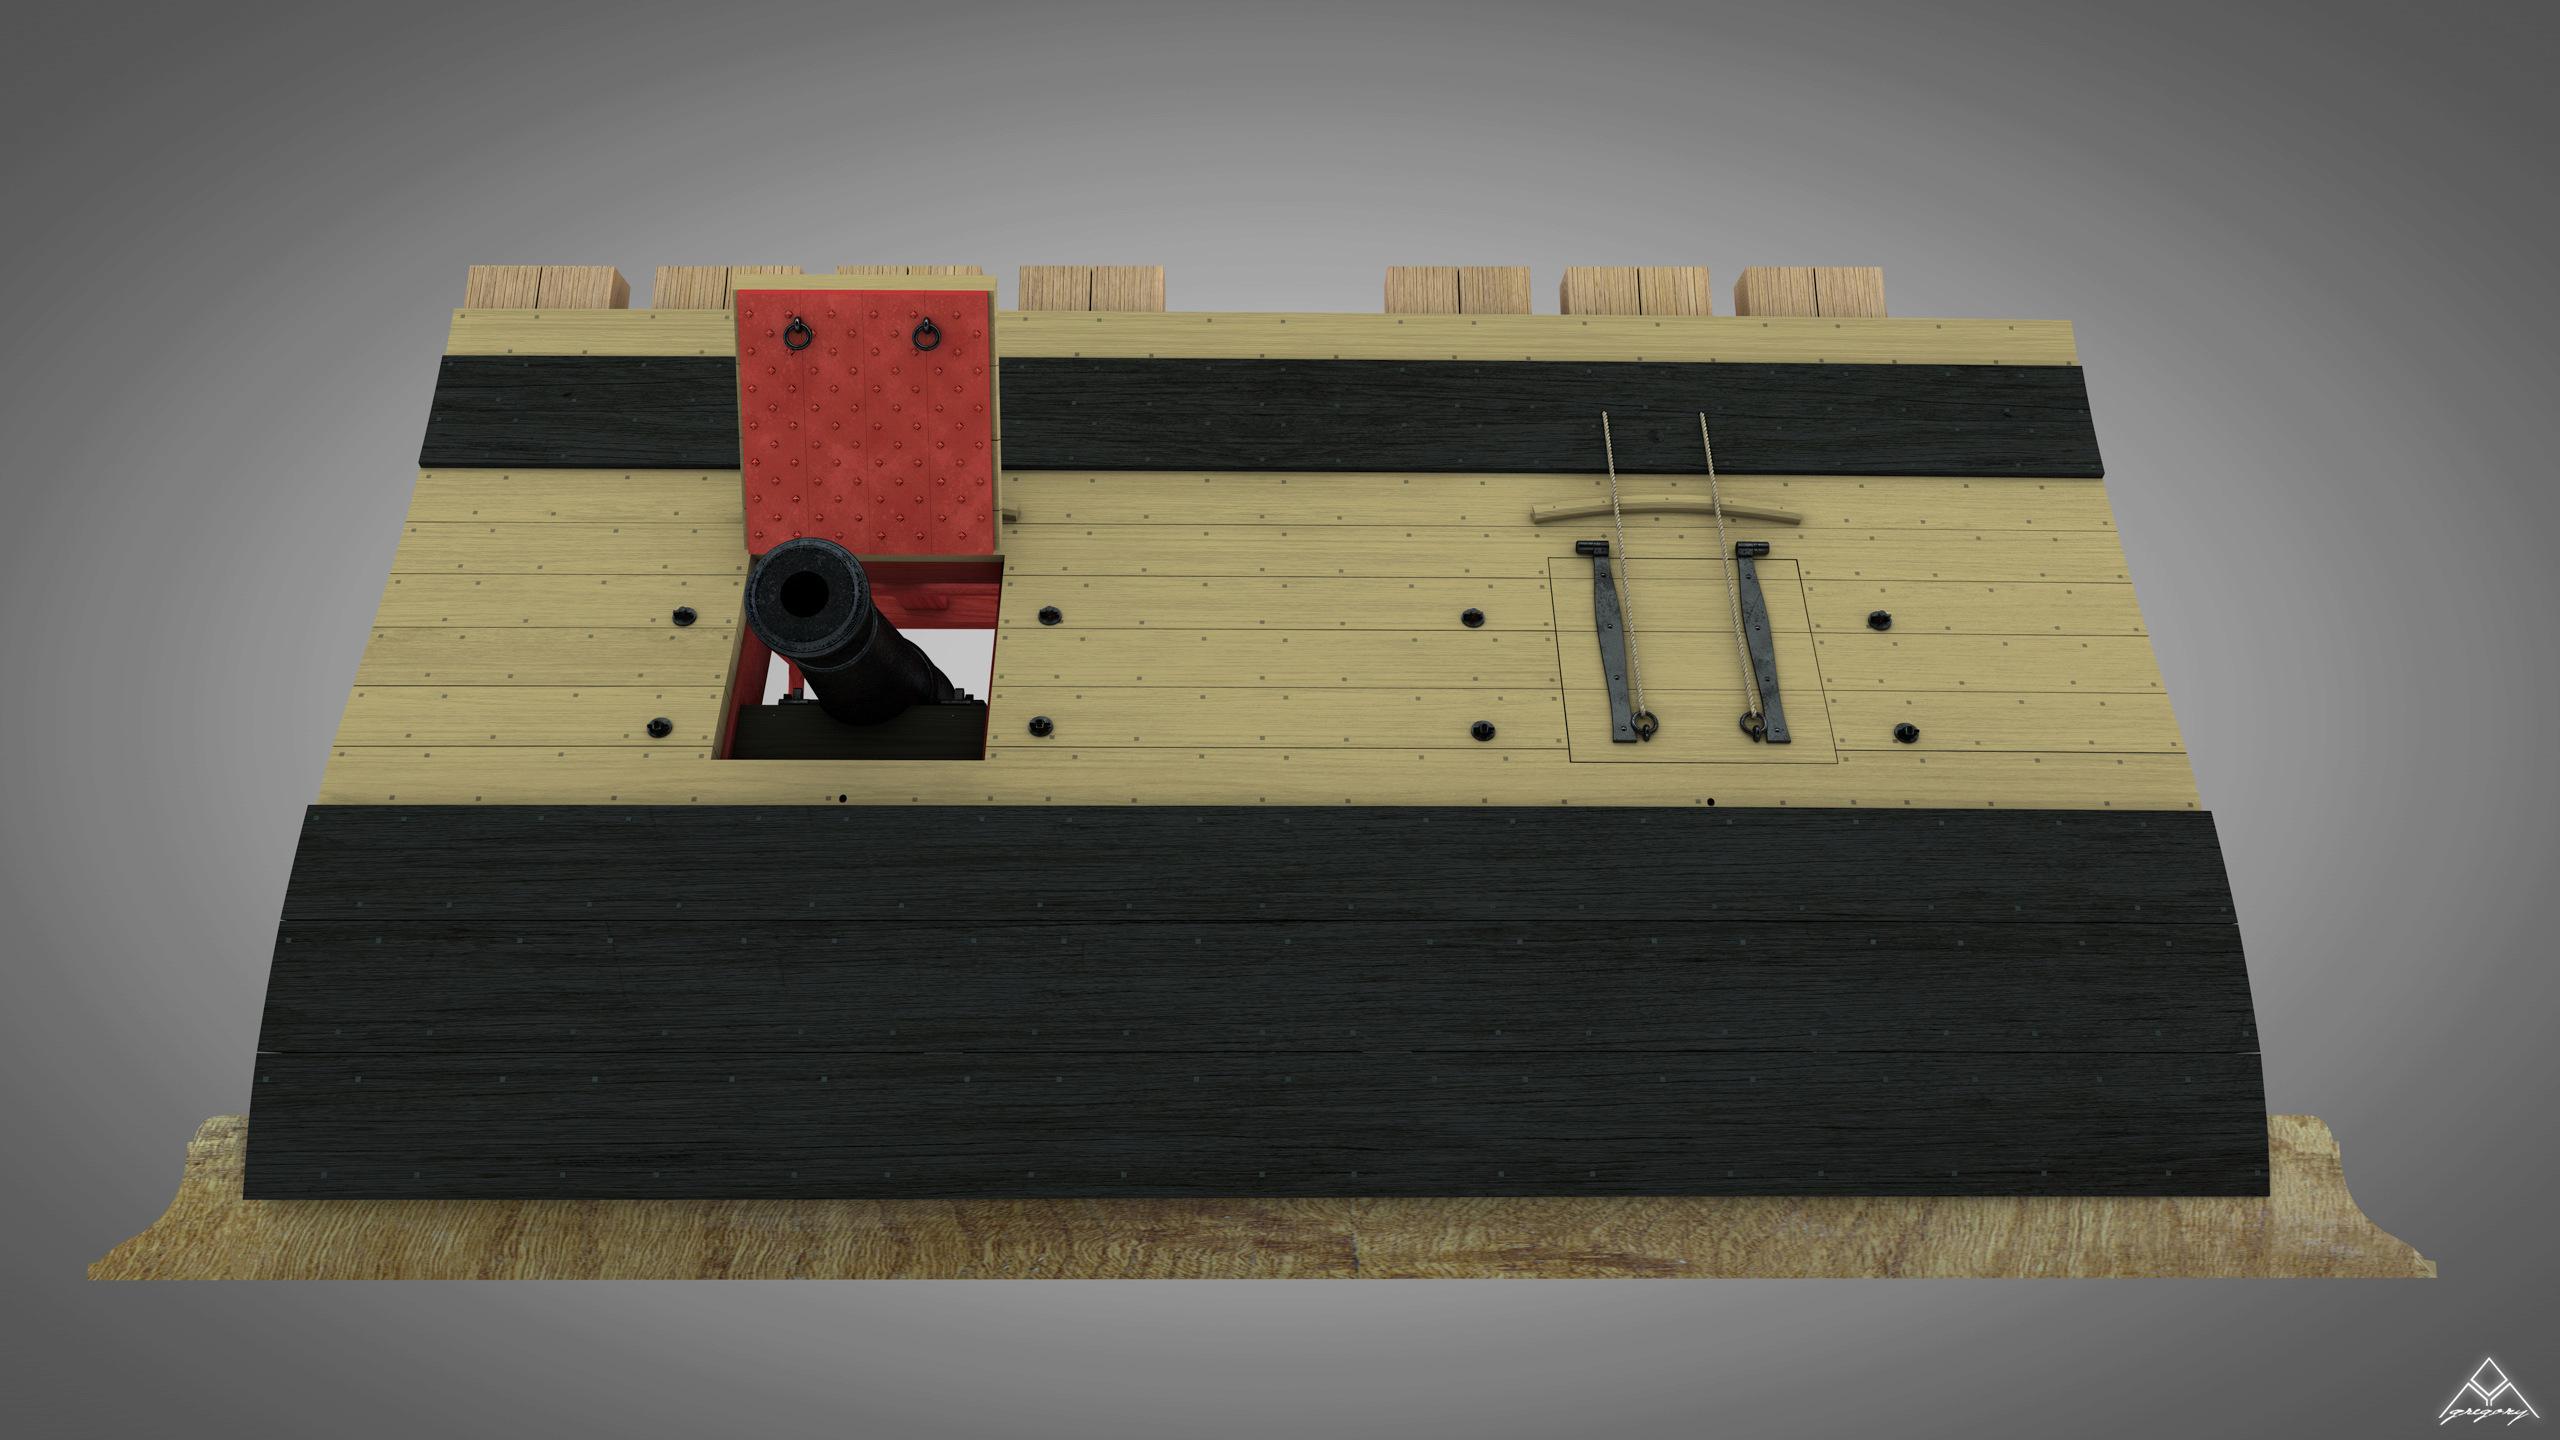 Canons de vaisseau 74 canons (Création 3D) par Greg_3D - Page 7 Rendu_78